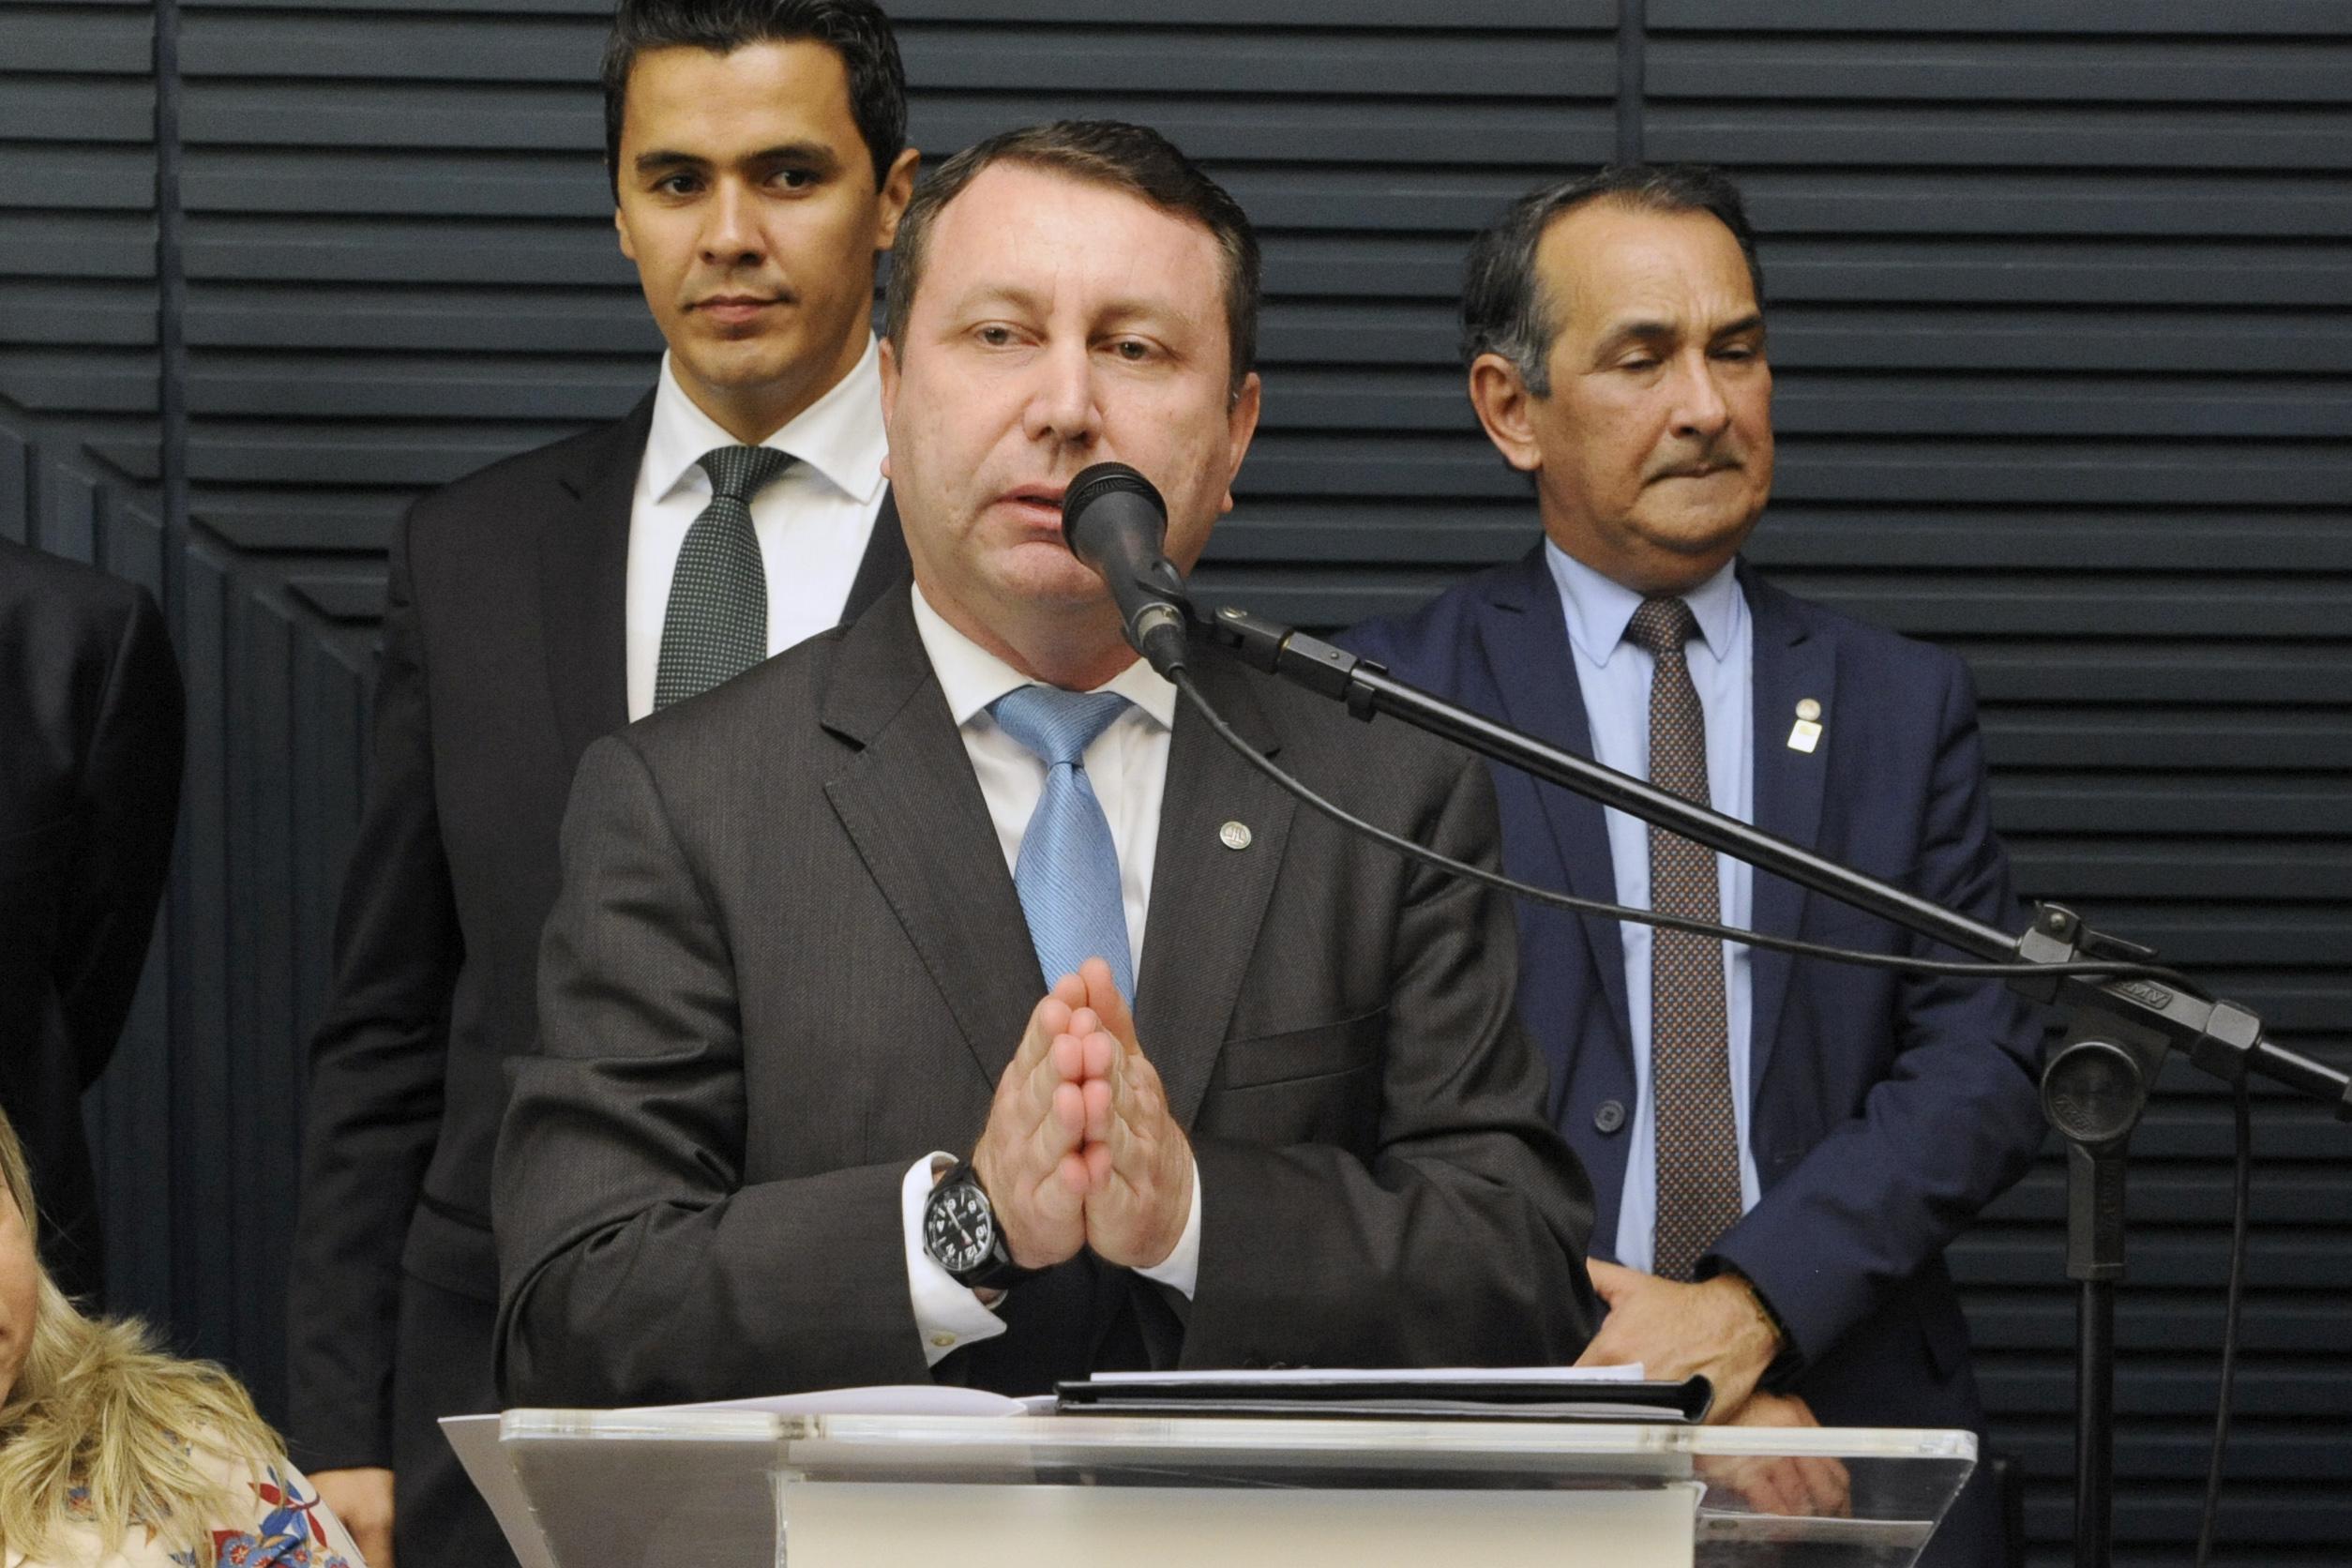 Lançamento da frente. Dep. David Soares (DEM - SP)